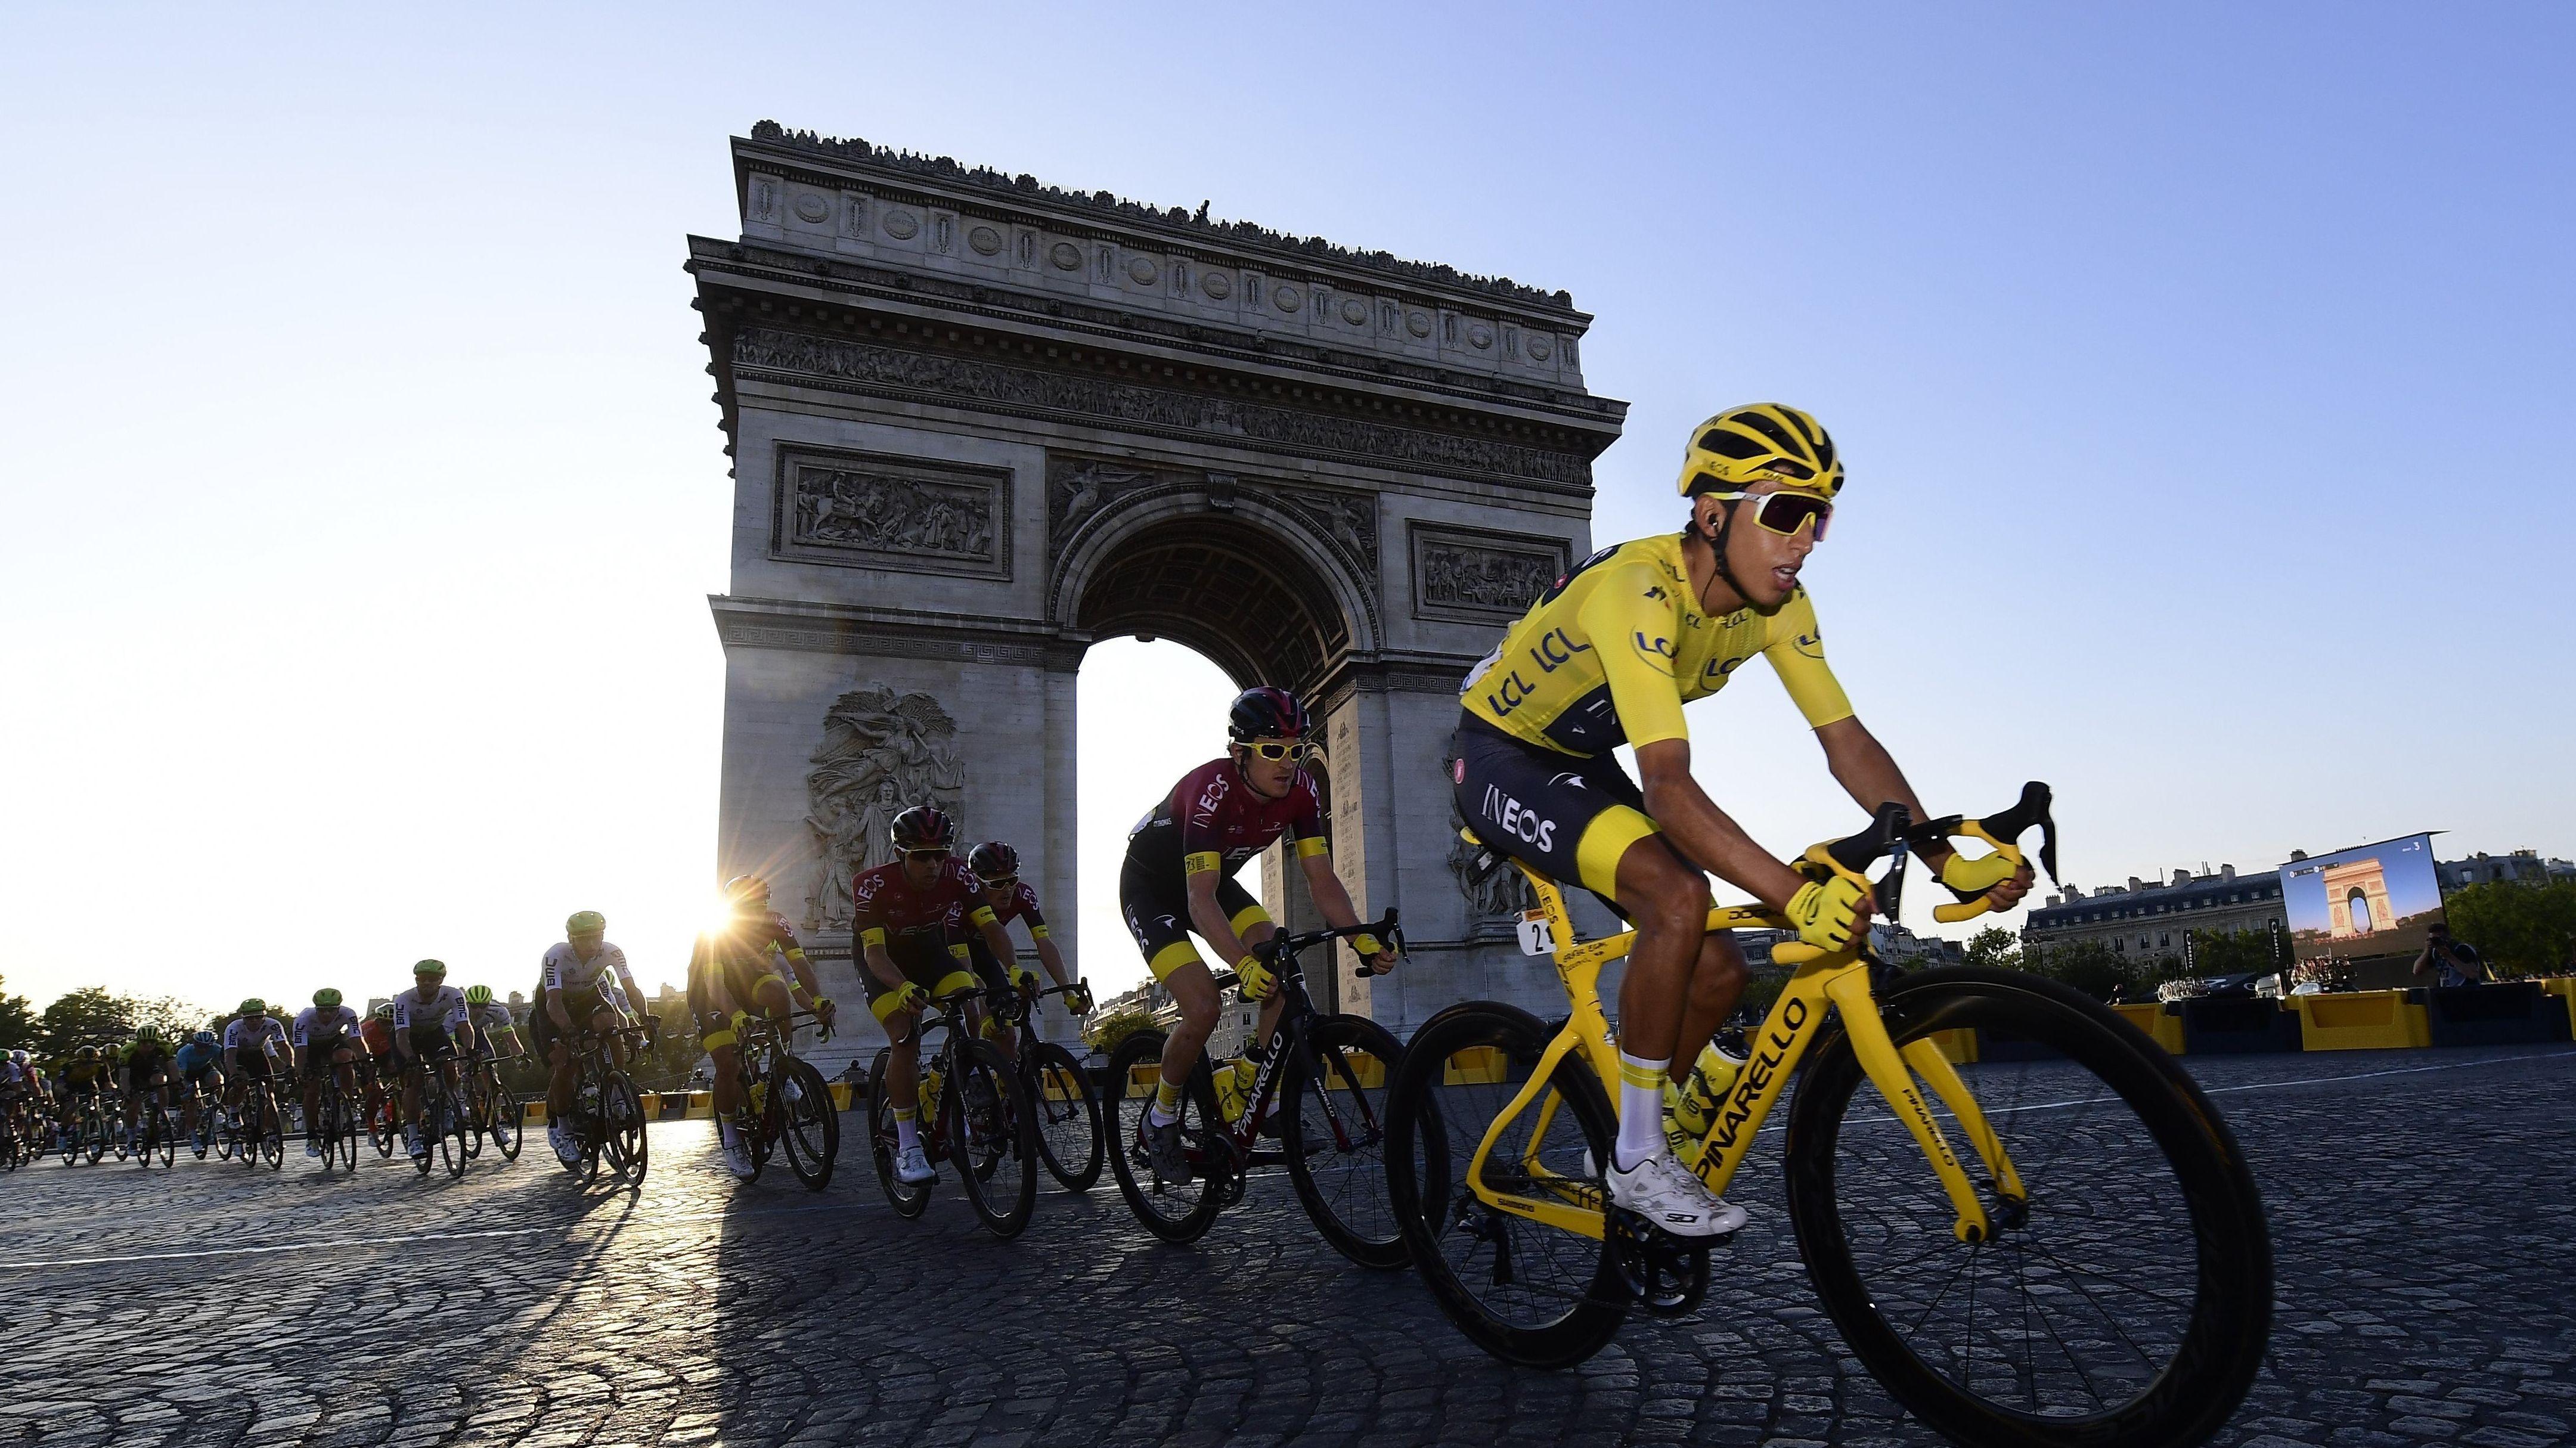 Radsportler bei der Tour de France in Paris